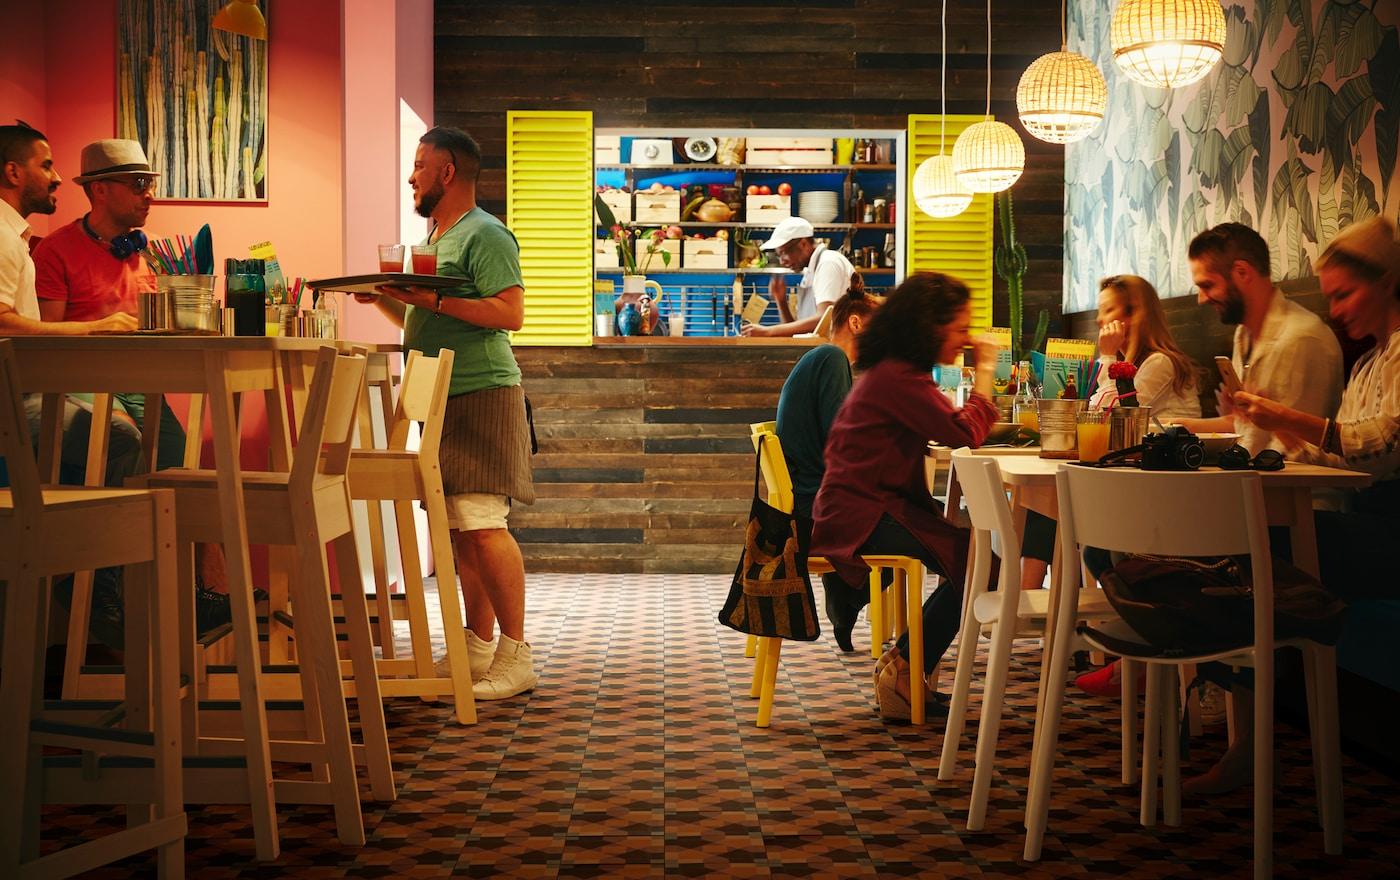 Mesas altas em bétula clara e bancos altos em bétula da gama NORRÅKER, num restaurante pequeno com candeeiros suspensos INDUSTRIELL em bambu.